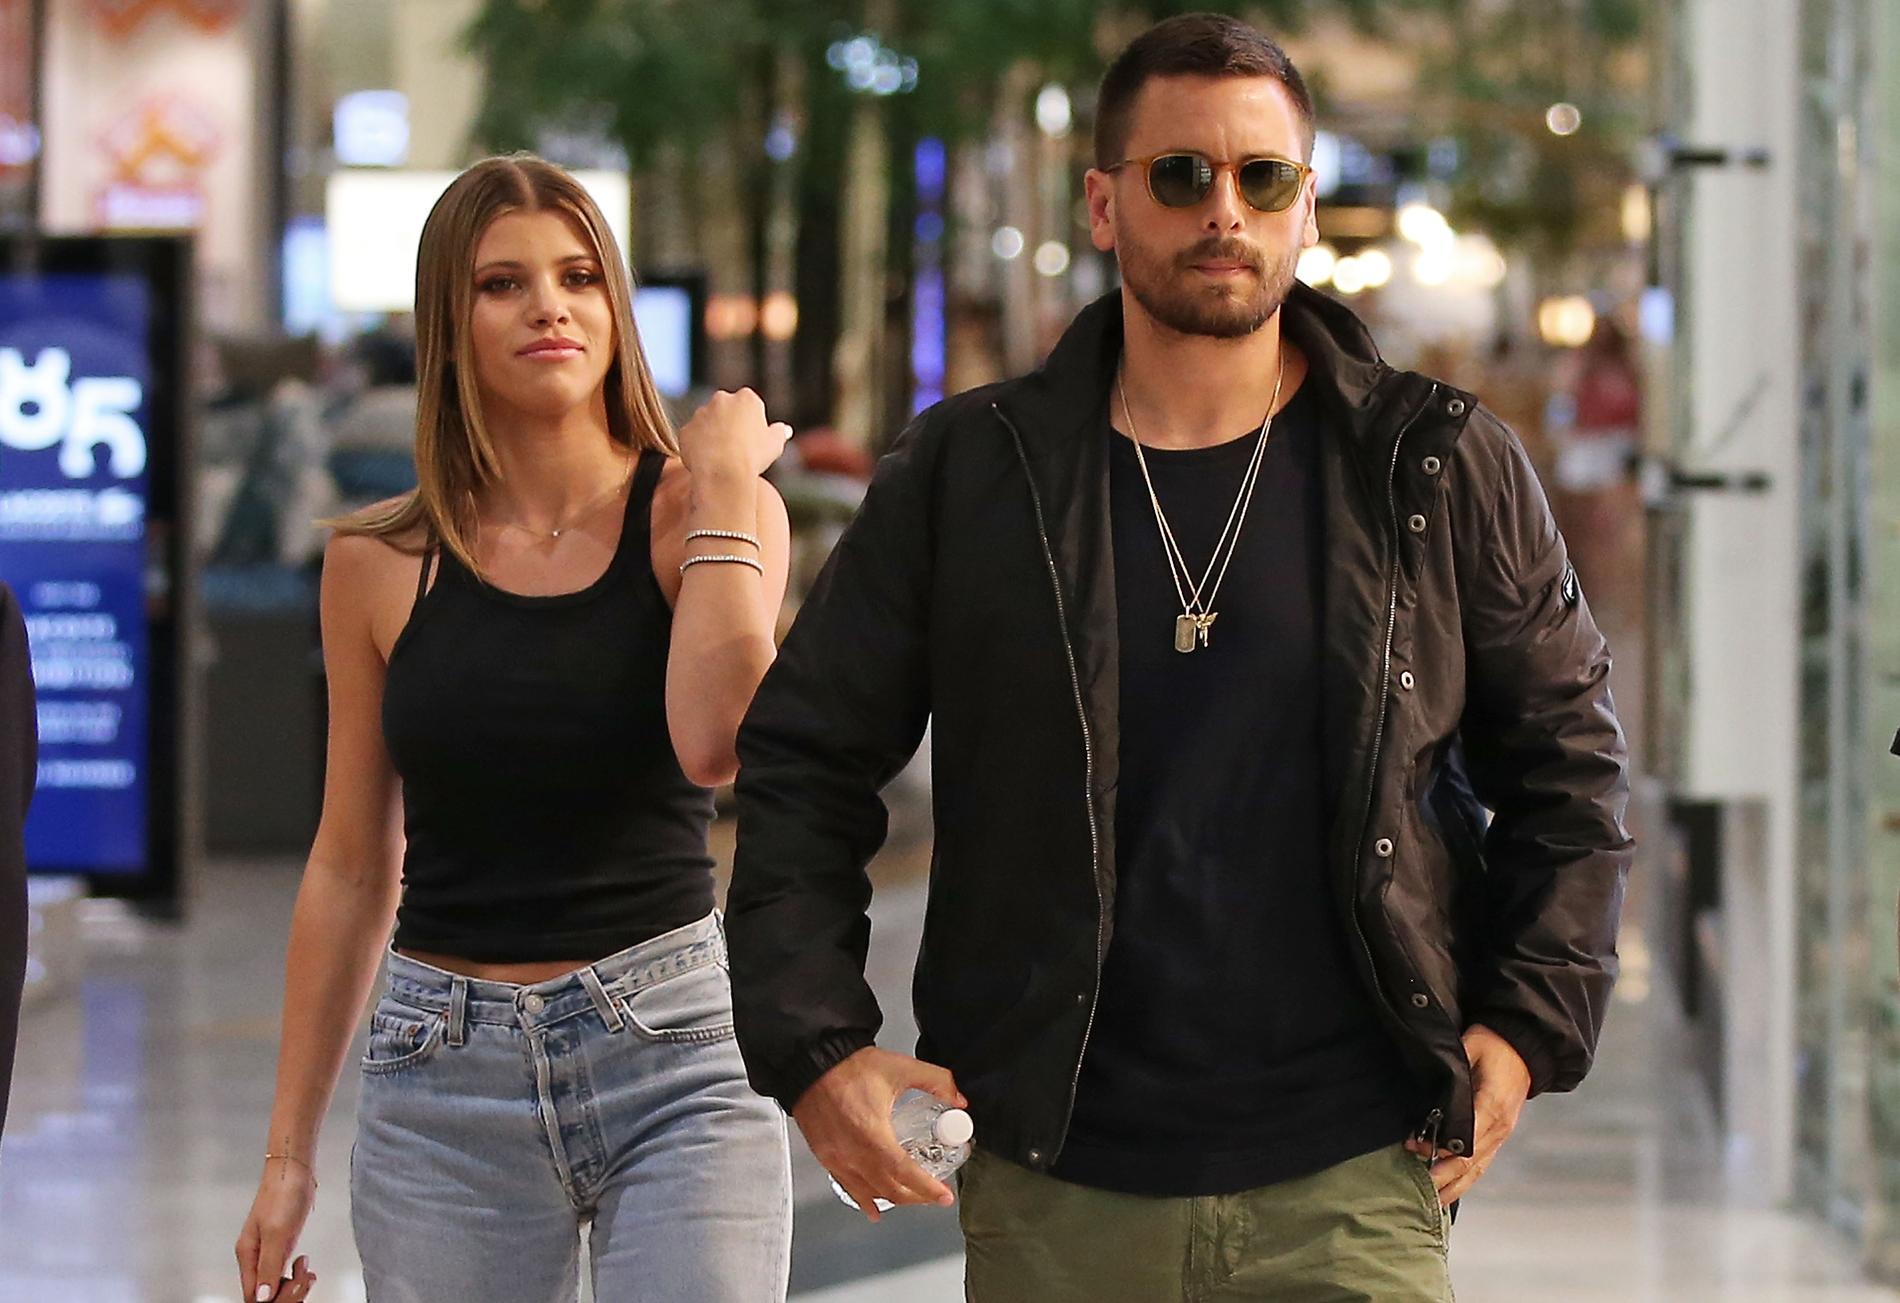 Modellen Sophia Richie och tv-stjärnan Scott Disick gör slut efter tre år ihop.